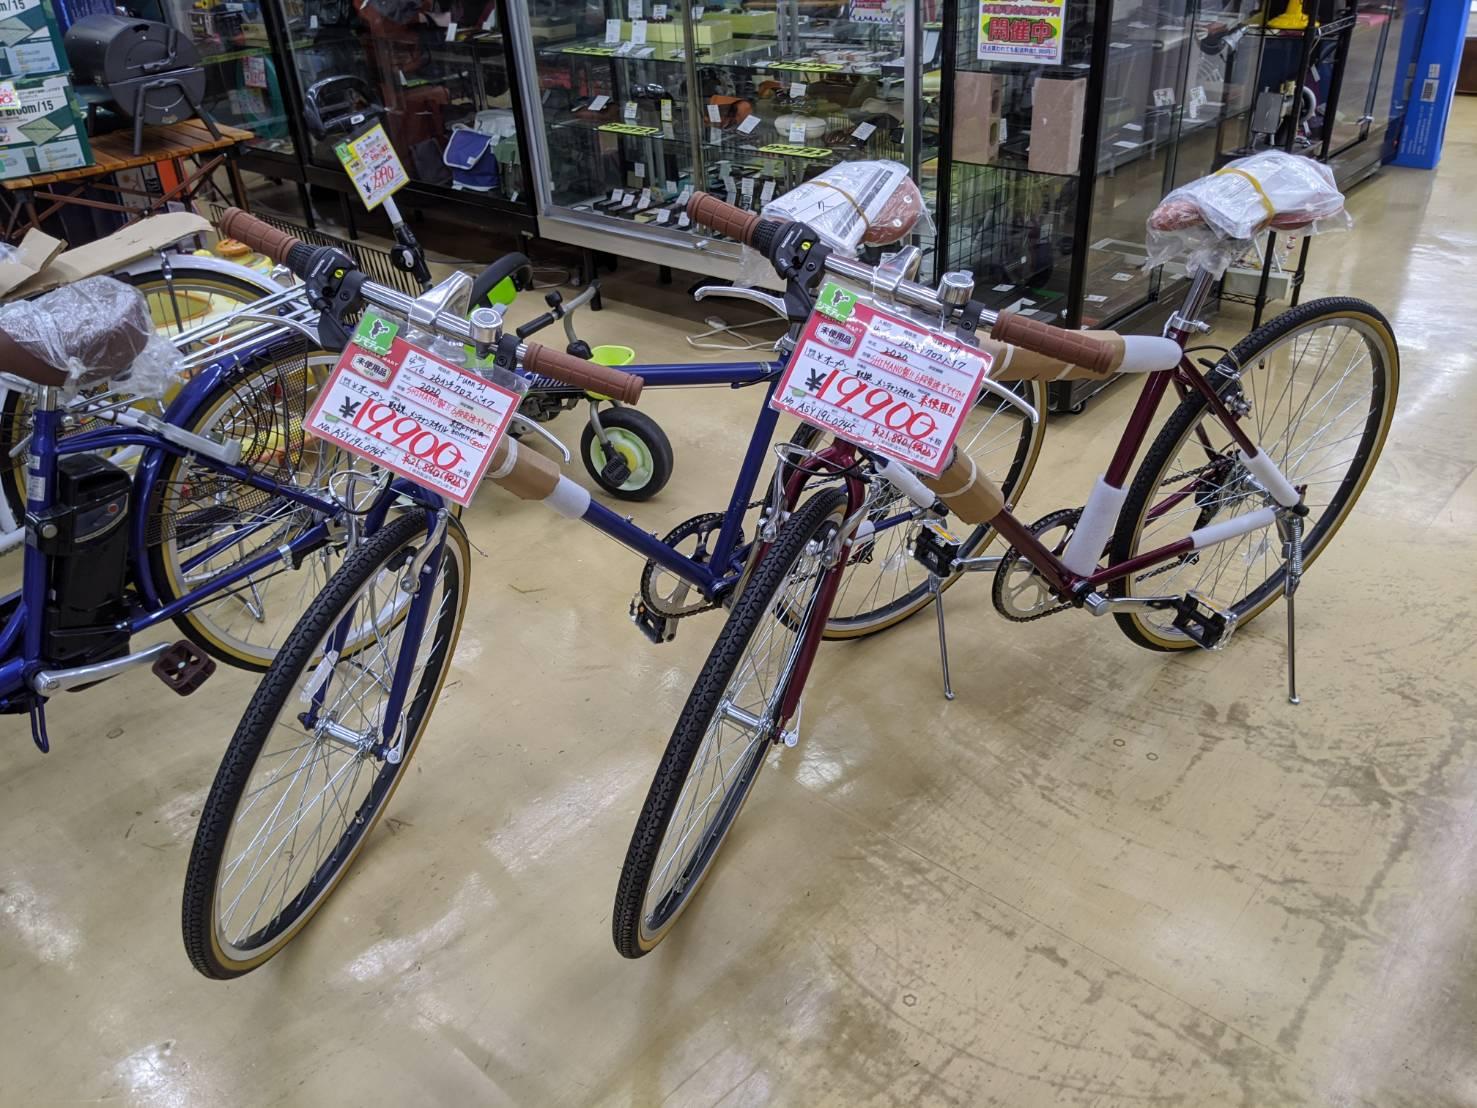 新品 Funn21 26インチクロスバイク 入荷しました!!の買取-